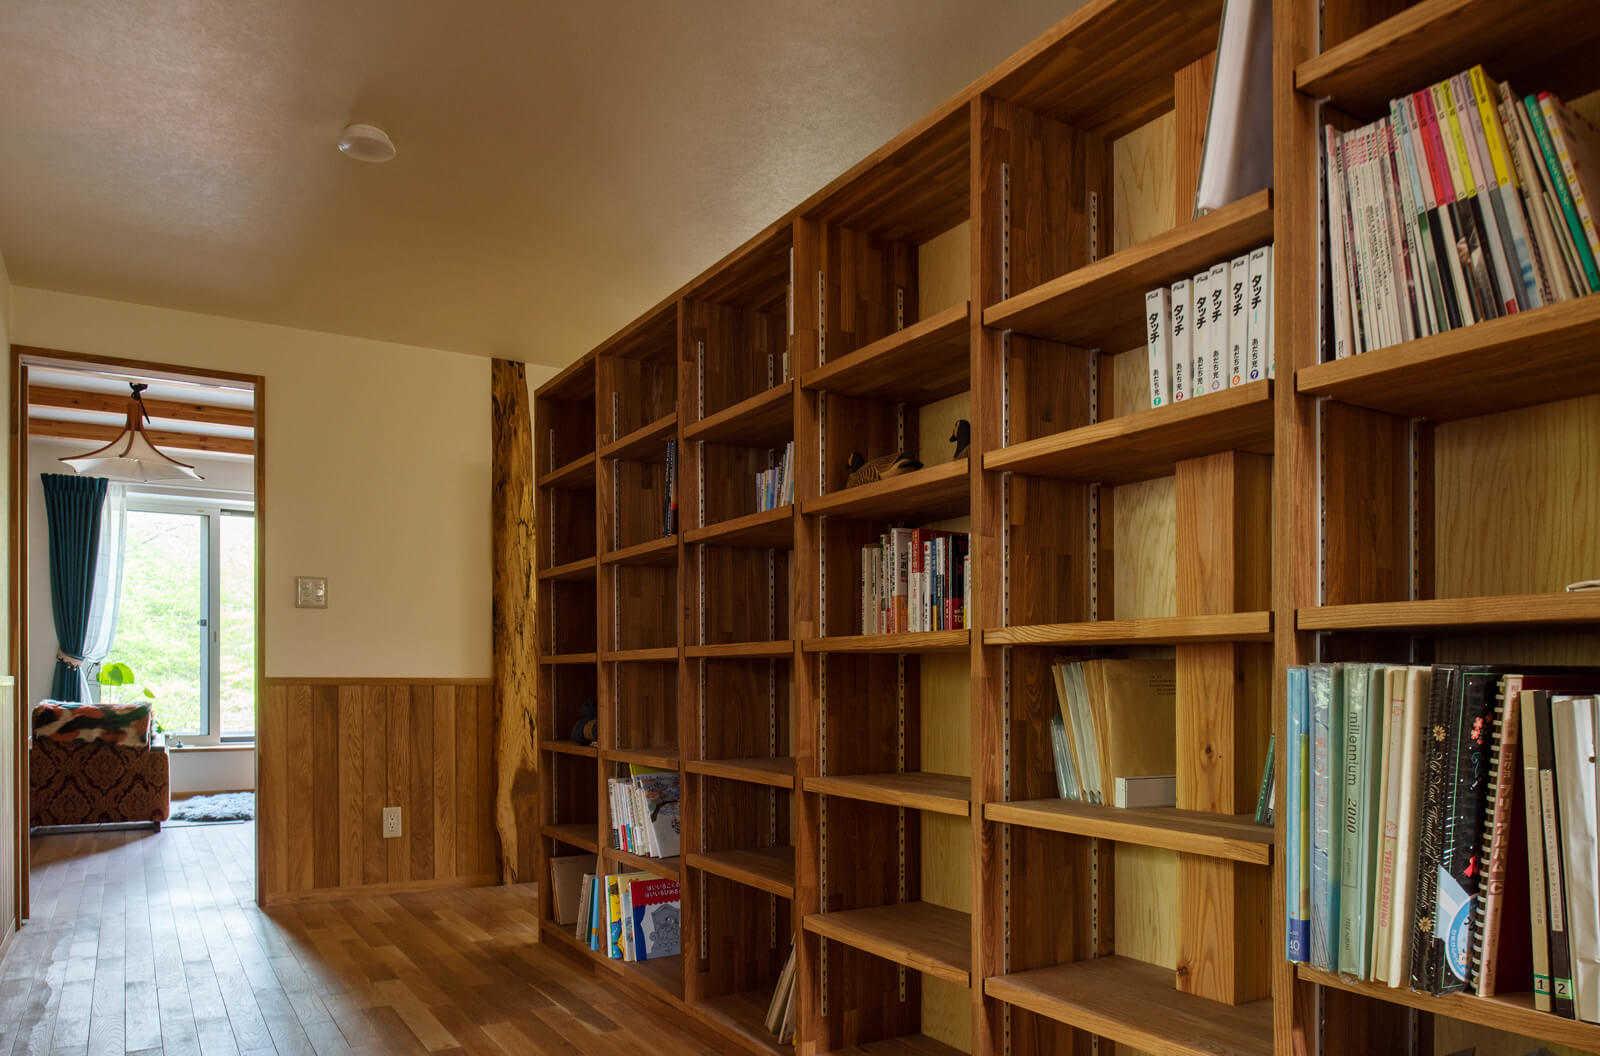 2階階段ホールに設けた家族共用の造作本棚には、アルバムや蔵書を収め、図書館のような雰囲気